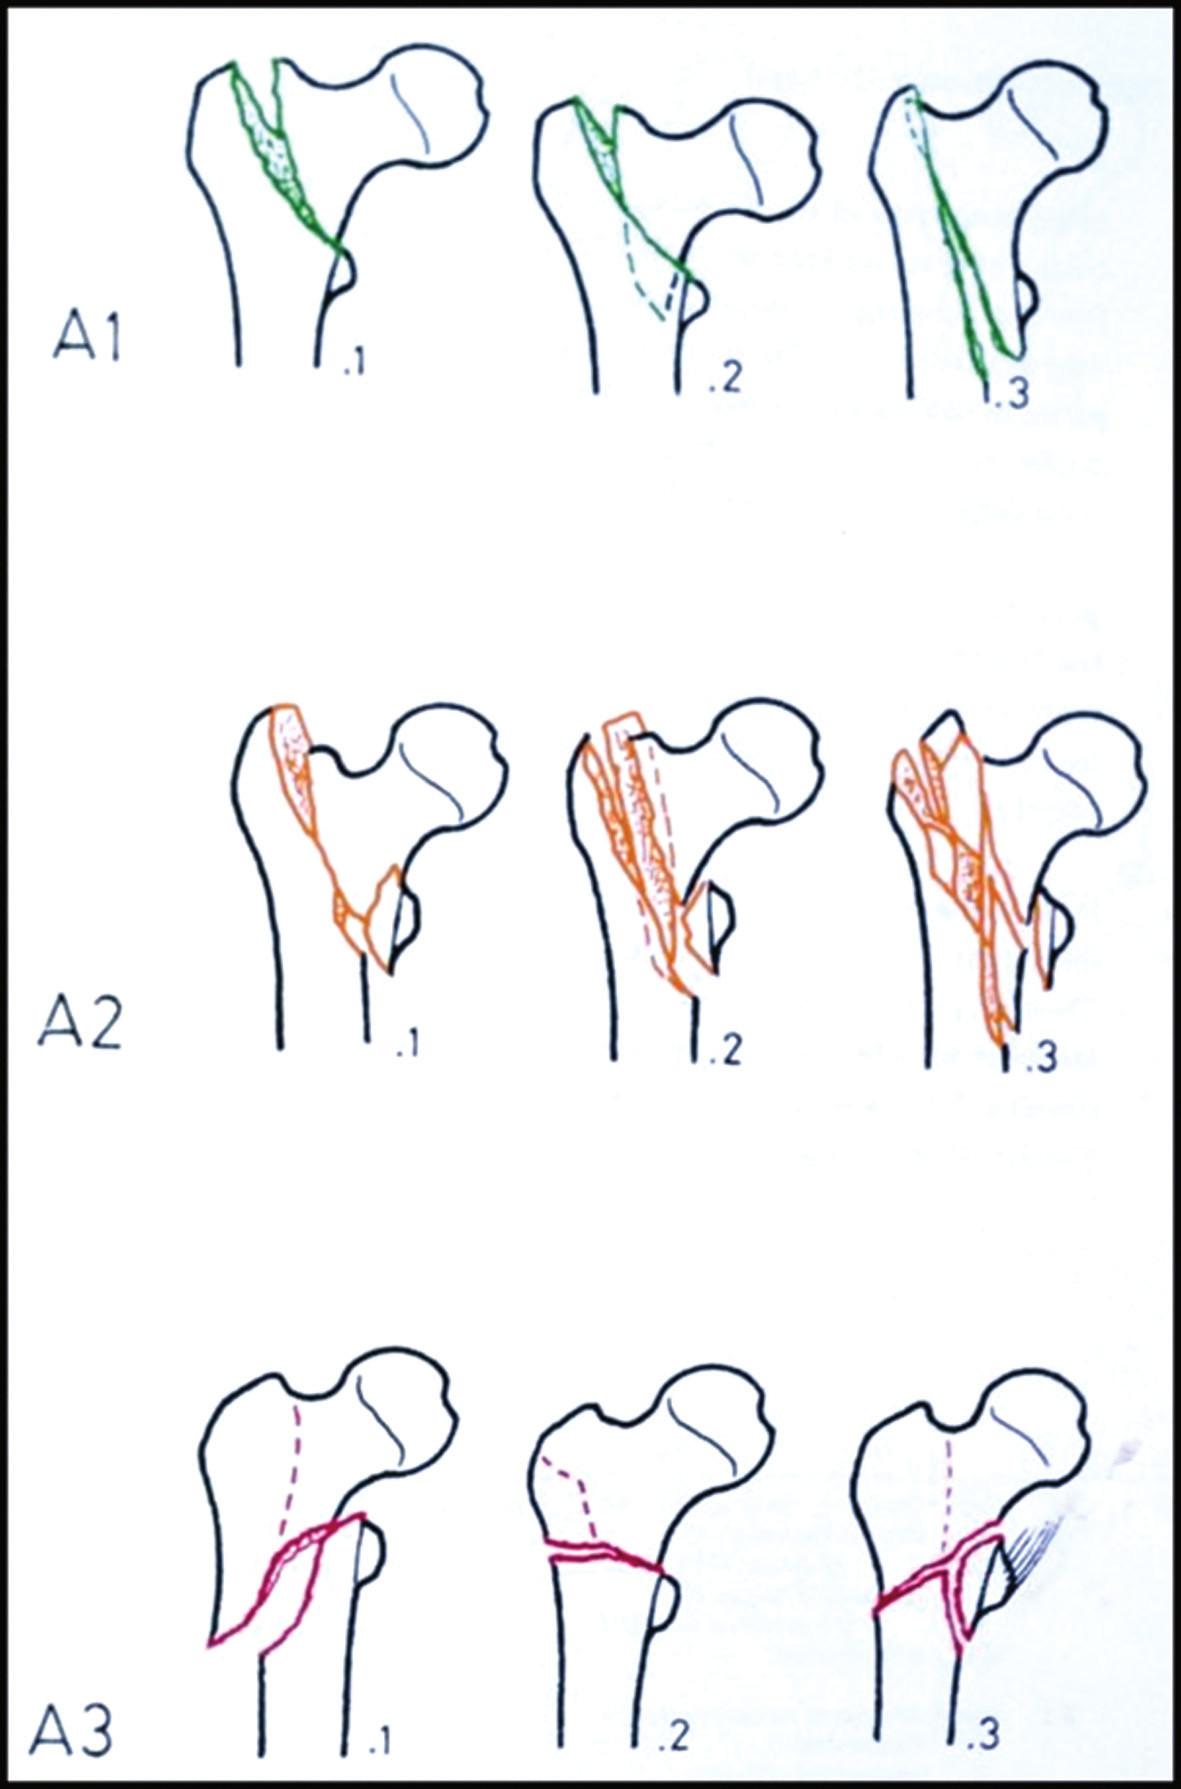 AO klasifikace trochanterických zlomenin A1 – stabilní pertrochanterické zlomeniny; A2 – nestabilní pertrochanterické zlomeniny; A3 – intertrochanterické zlomeniny. Fig. 4: AO classification of trochanteric fractures A1 – stable pertrochanteric fractures; A2 – unstable pertrochanteric fractures; A3 – intertrochanteric fractures.